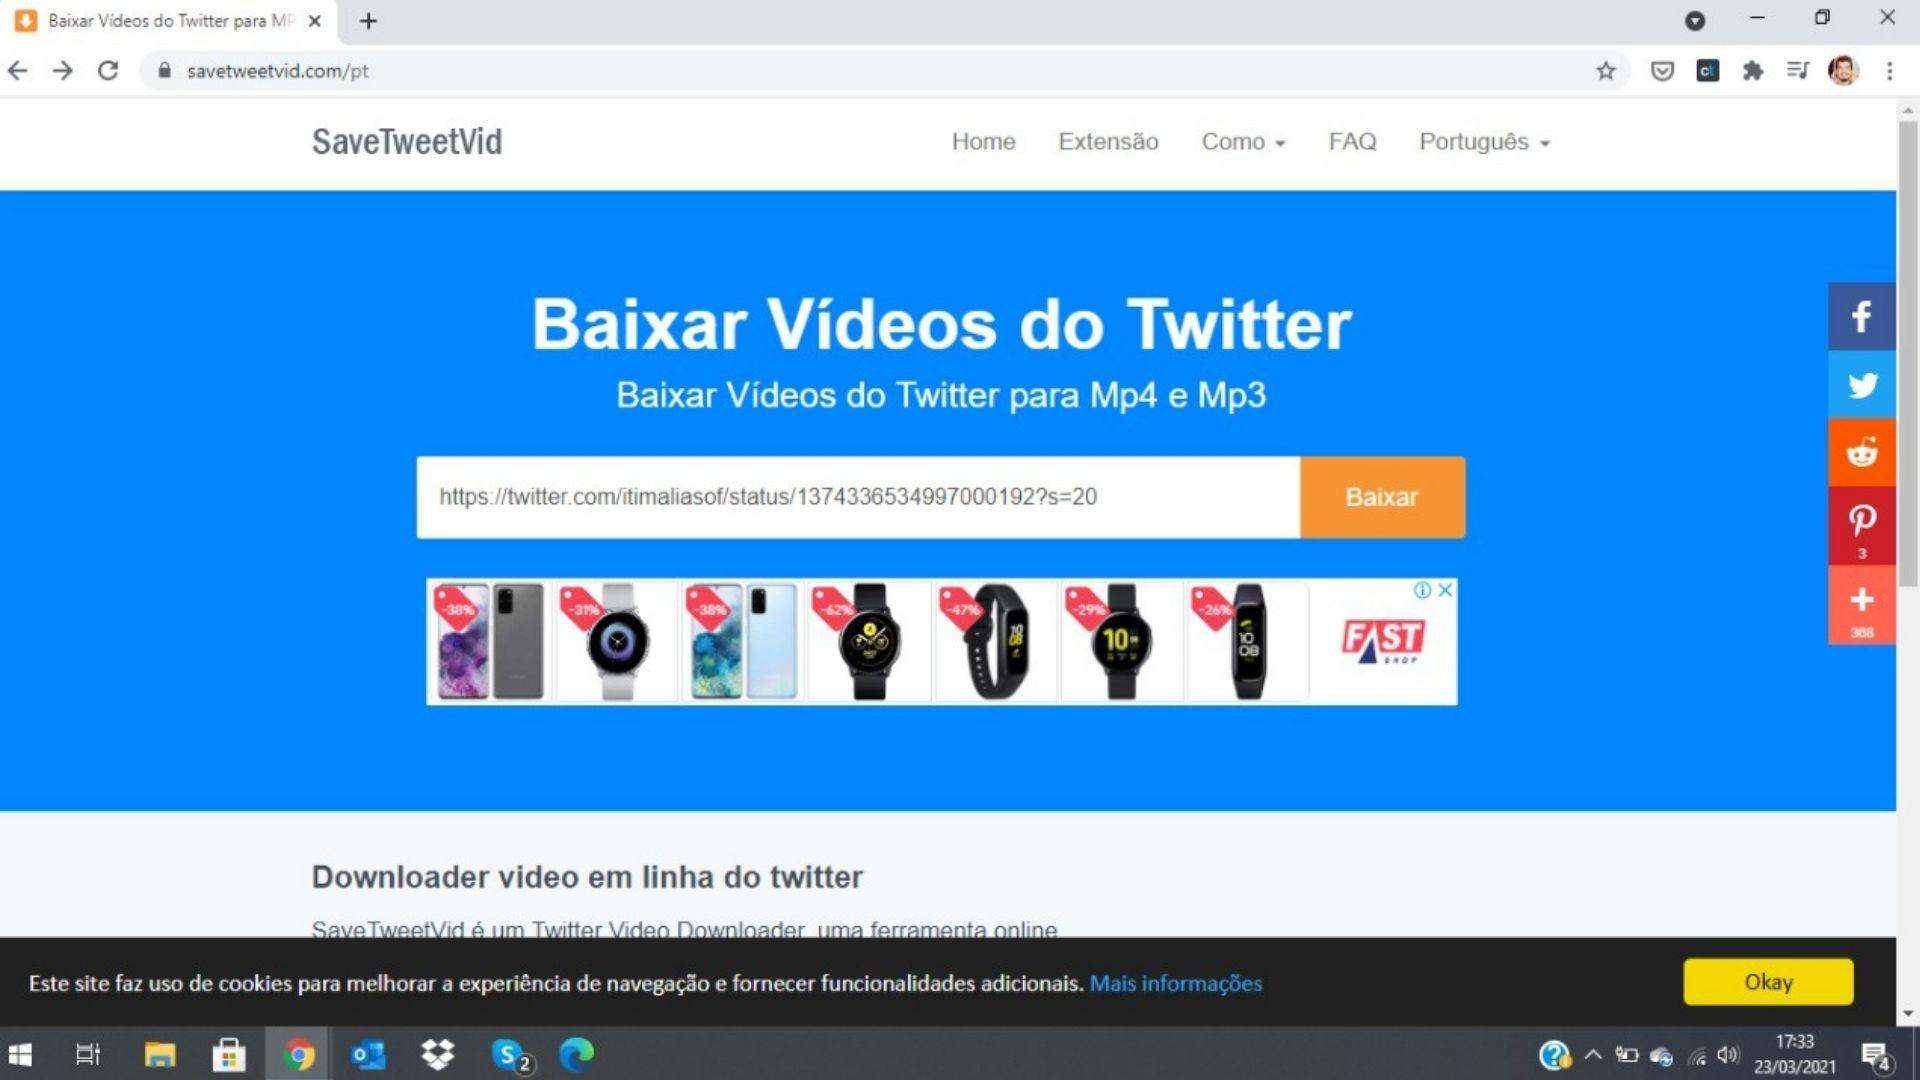 Como baixar vídeo do Twitter via PC: cole a URL do tweet no Save Tweet Vid e baixe (Foto: Reprodução / Zoom)